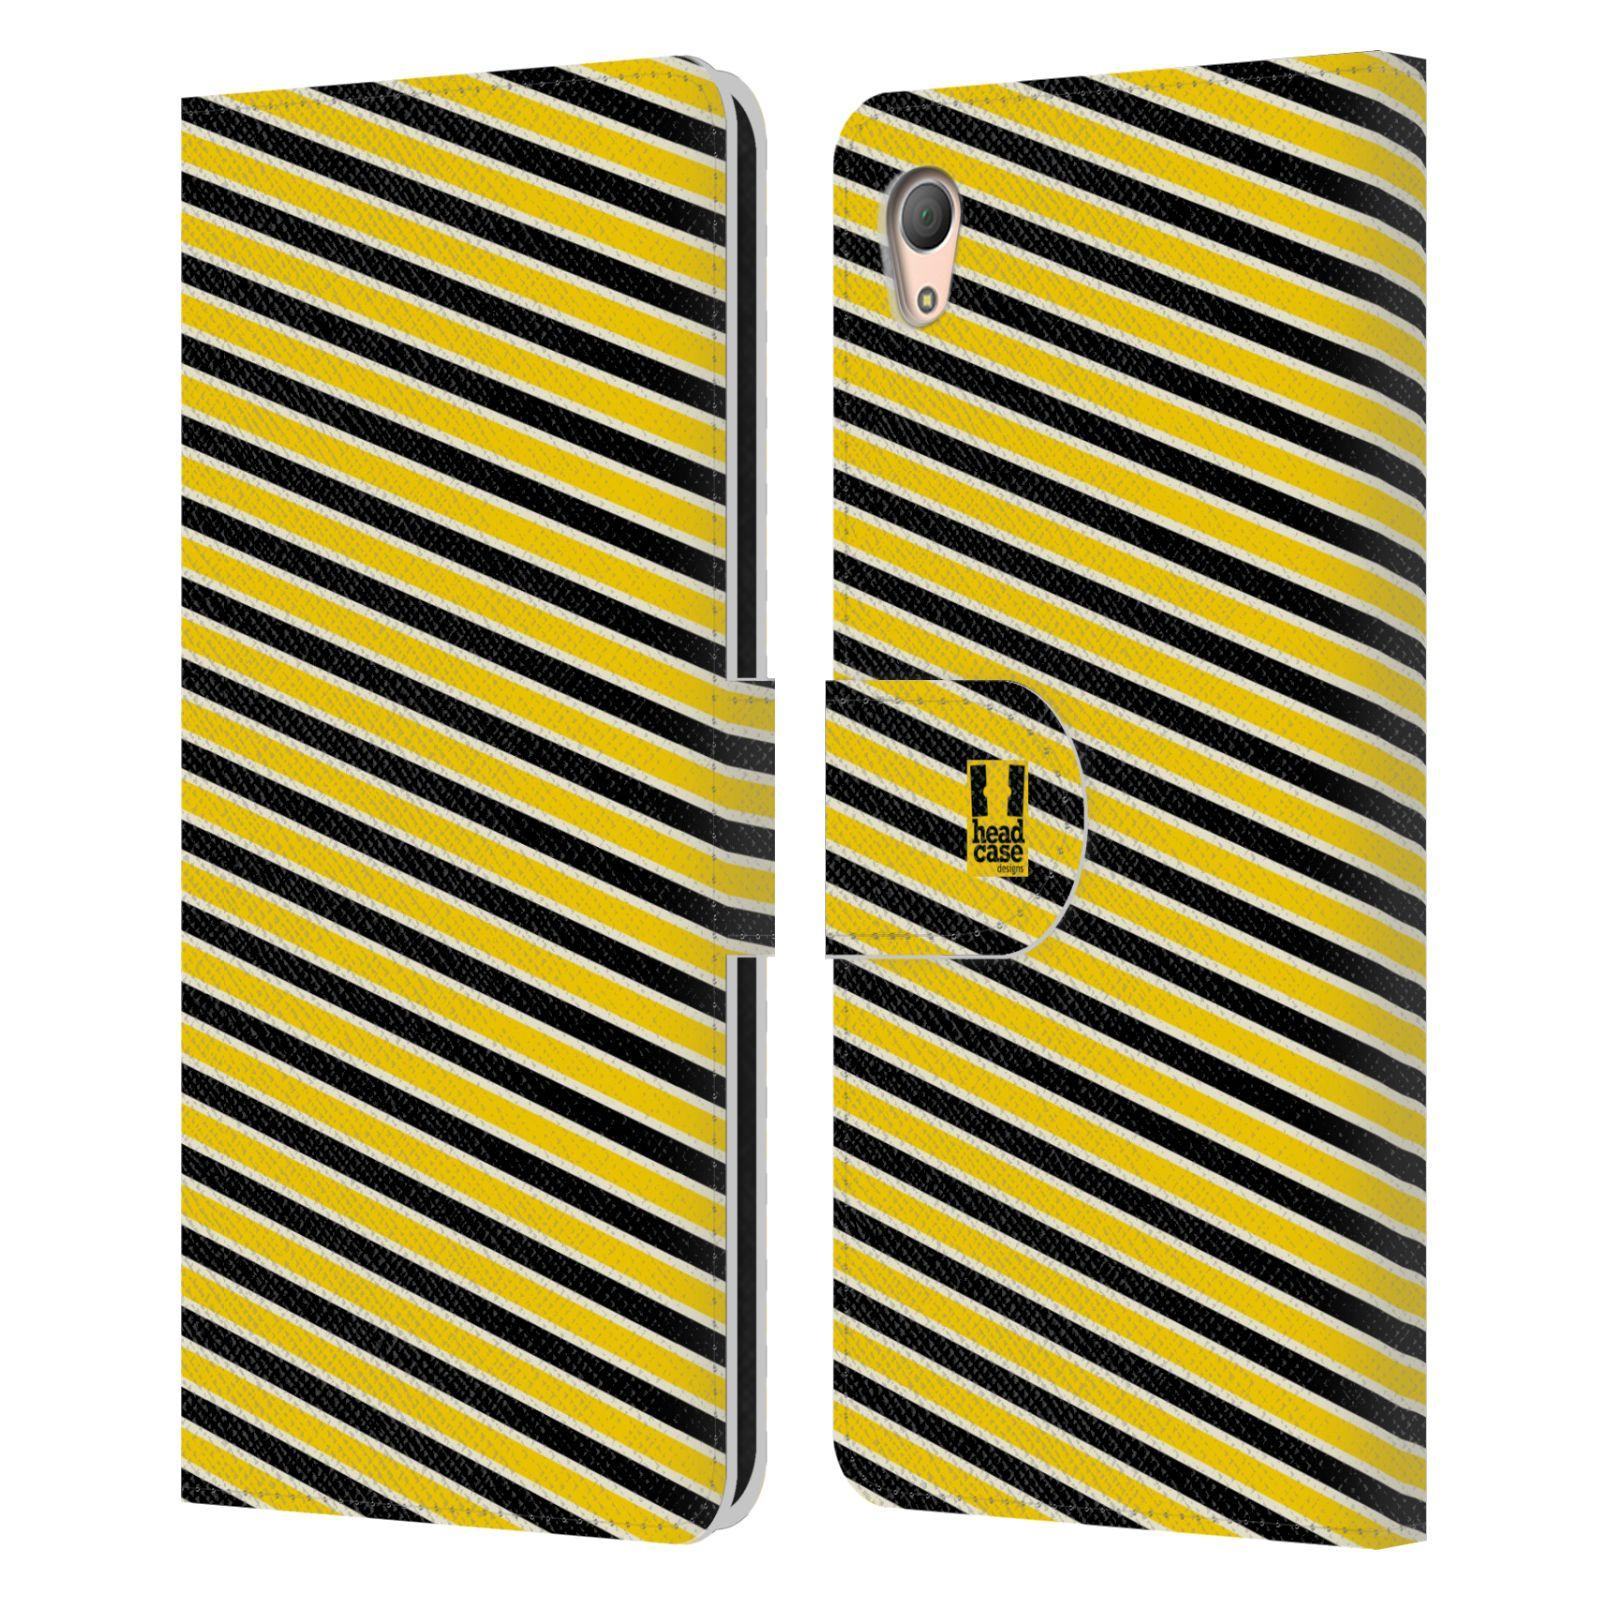 HEAD CASE Flipové pouzdro pro mobil SONY XPERIA Z3+ (PLUS) VČELÍ VZOR pruhy žlutá a černá